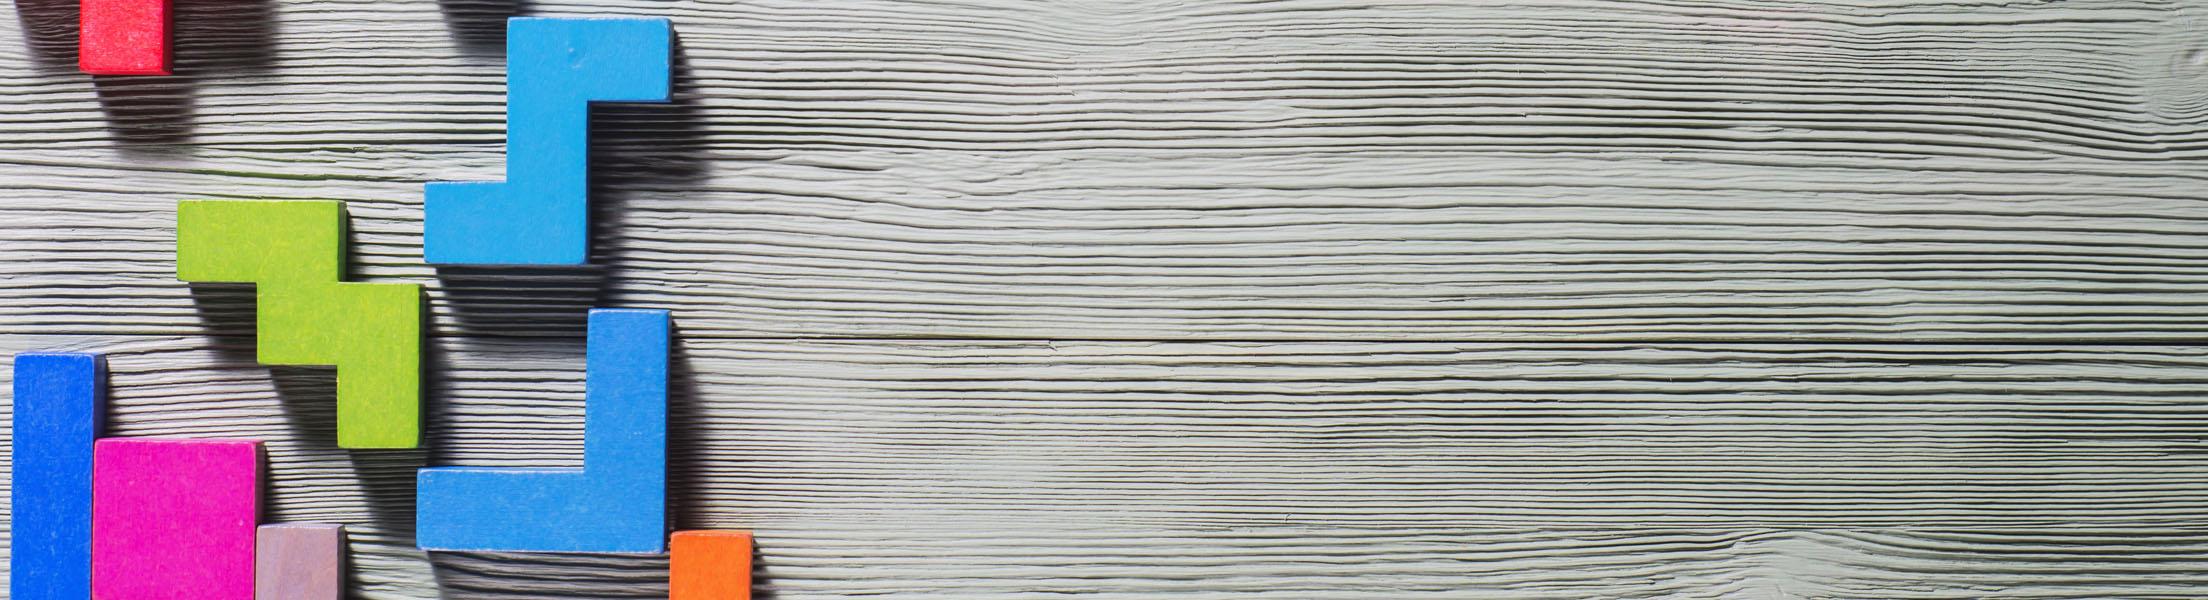 Holztafel: Darauf befinden sich bunte Steine aus Holz, die alle unterschiedliche Formen und Farben haben (Symbol für das Bausteinsystem bei ASSIST).